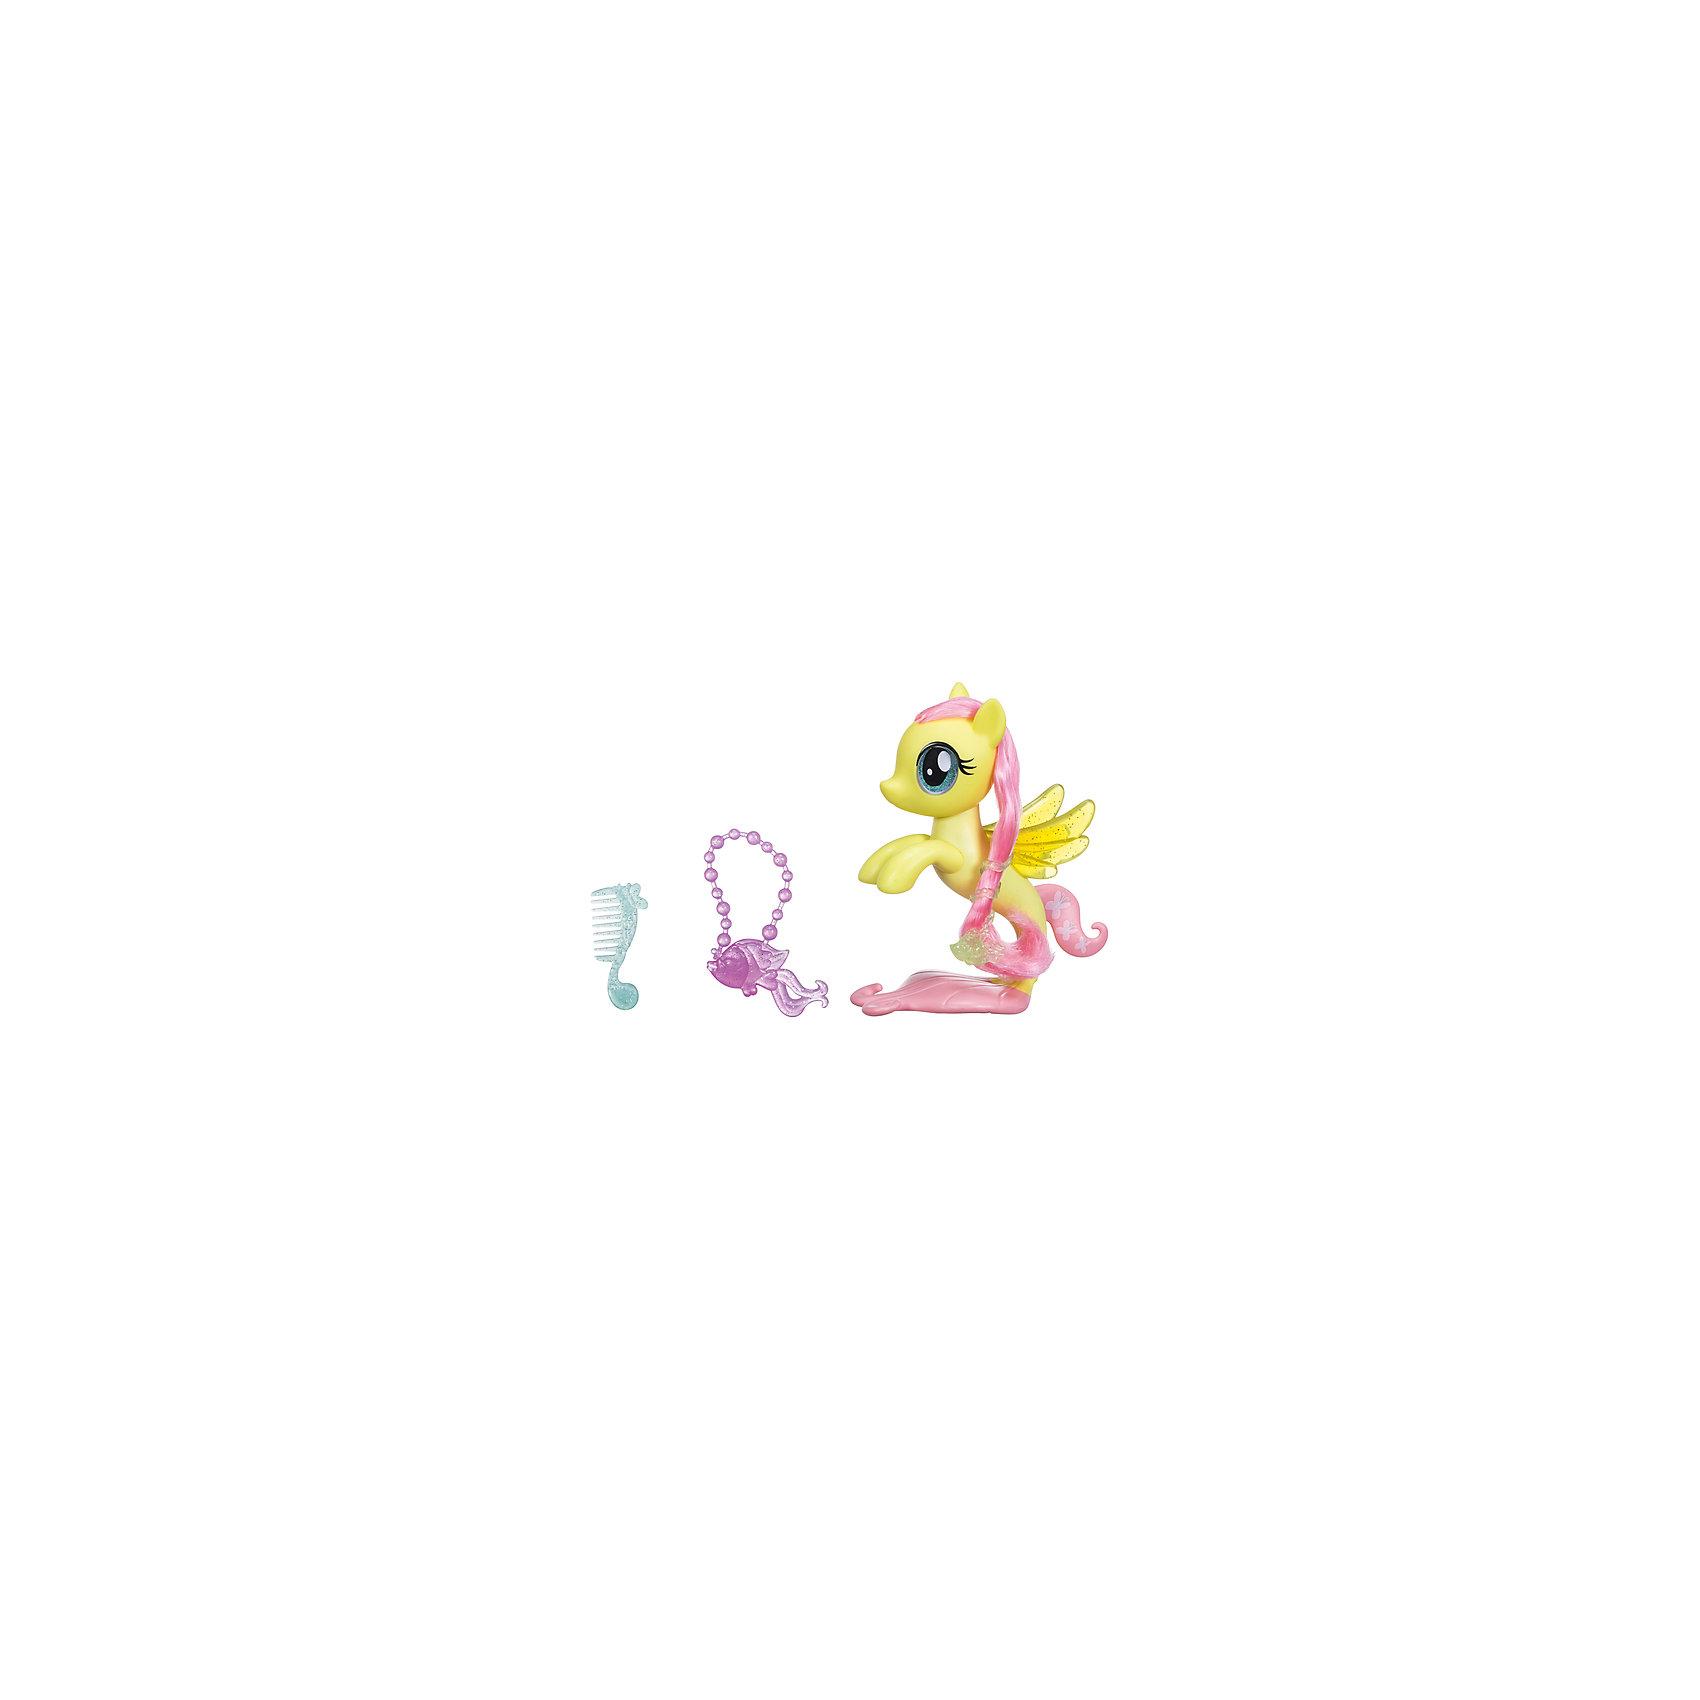 Игровой набор Hasbro My Little Pony Мерцание, ФлаттершайФигурки из мультфильмов<br>Характеристики:<br><br>• в наборе представлен персонаж из серии «Мерцание;<br>• пони-модница устойчиво стоит на подставке<br>• материал фигурки: пластик;<br>• различные аксессуары позволяют разнообразить игру;<br>• фигурки можно использовать в комбинации с различными игровыми наборами MLP.<br><br><br>MLP Мерцание пони-модницы можно купить в нашем интернет-магазине.<br><br>Ширина мм: 9999<br>Глубина мм: 9999<br>Высота мм: 9999<br>Вес г: 9999<br>Возраст от месяцев: 36<br>Возраст до месяцев: 120<br>Пол: Женский<br>Возраст: Детский<br>SKU: 7097985